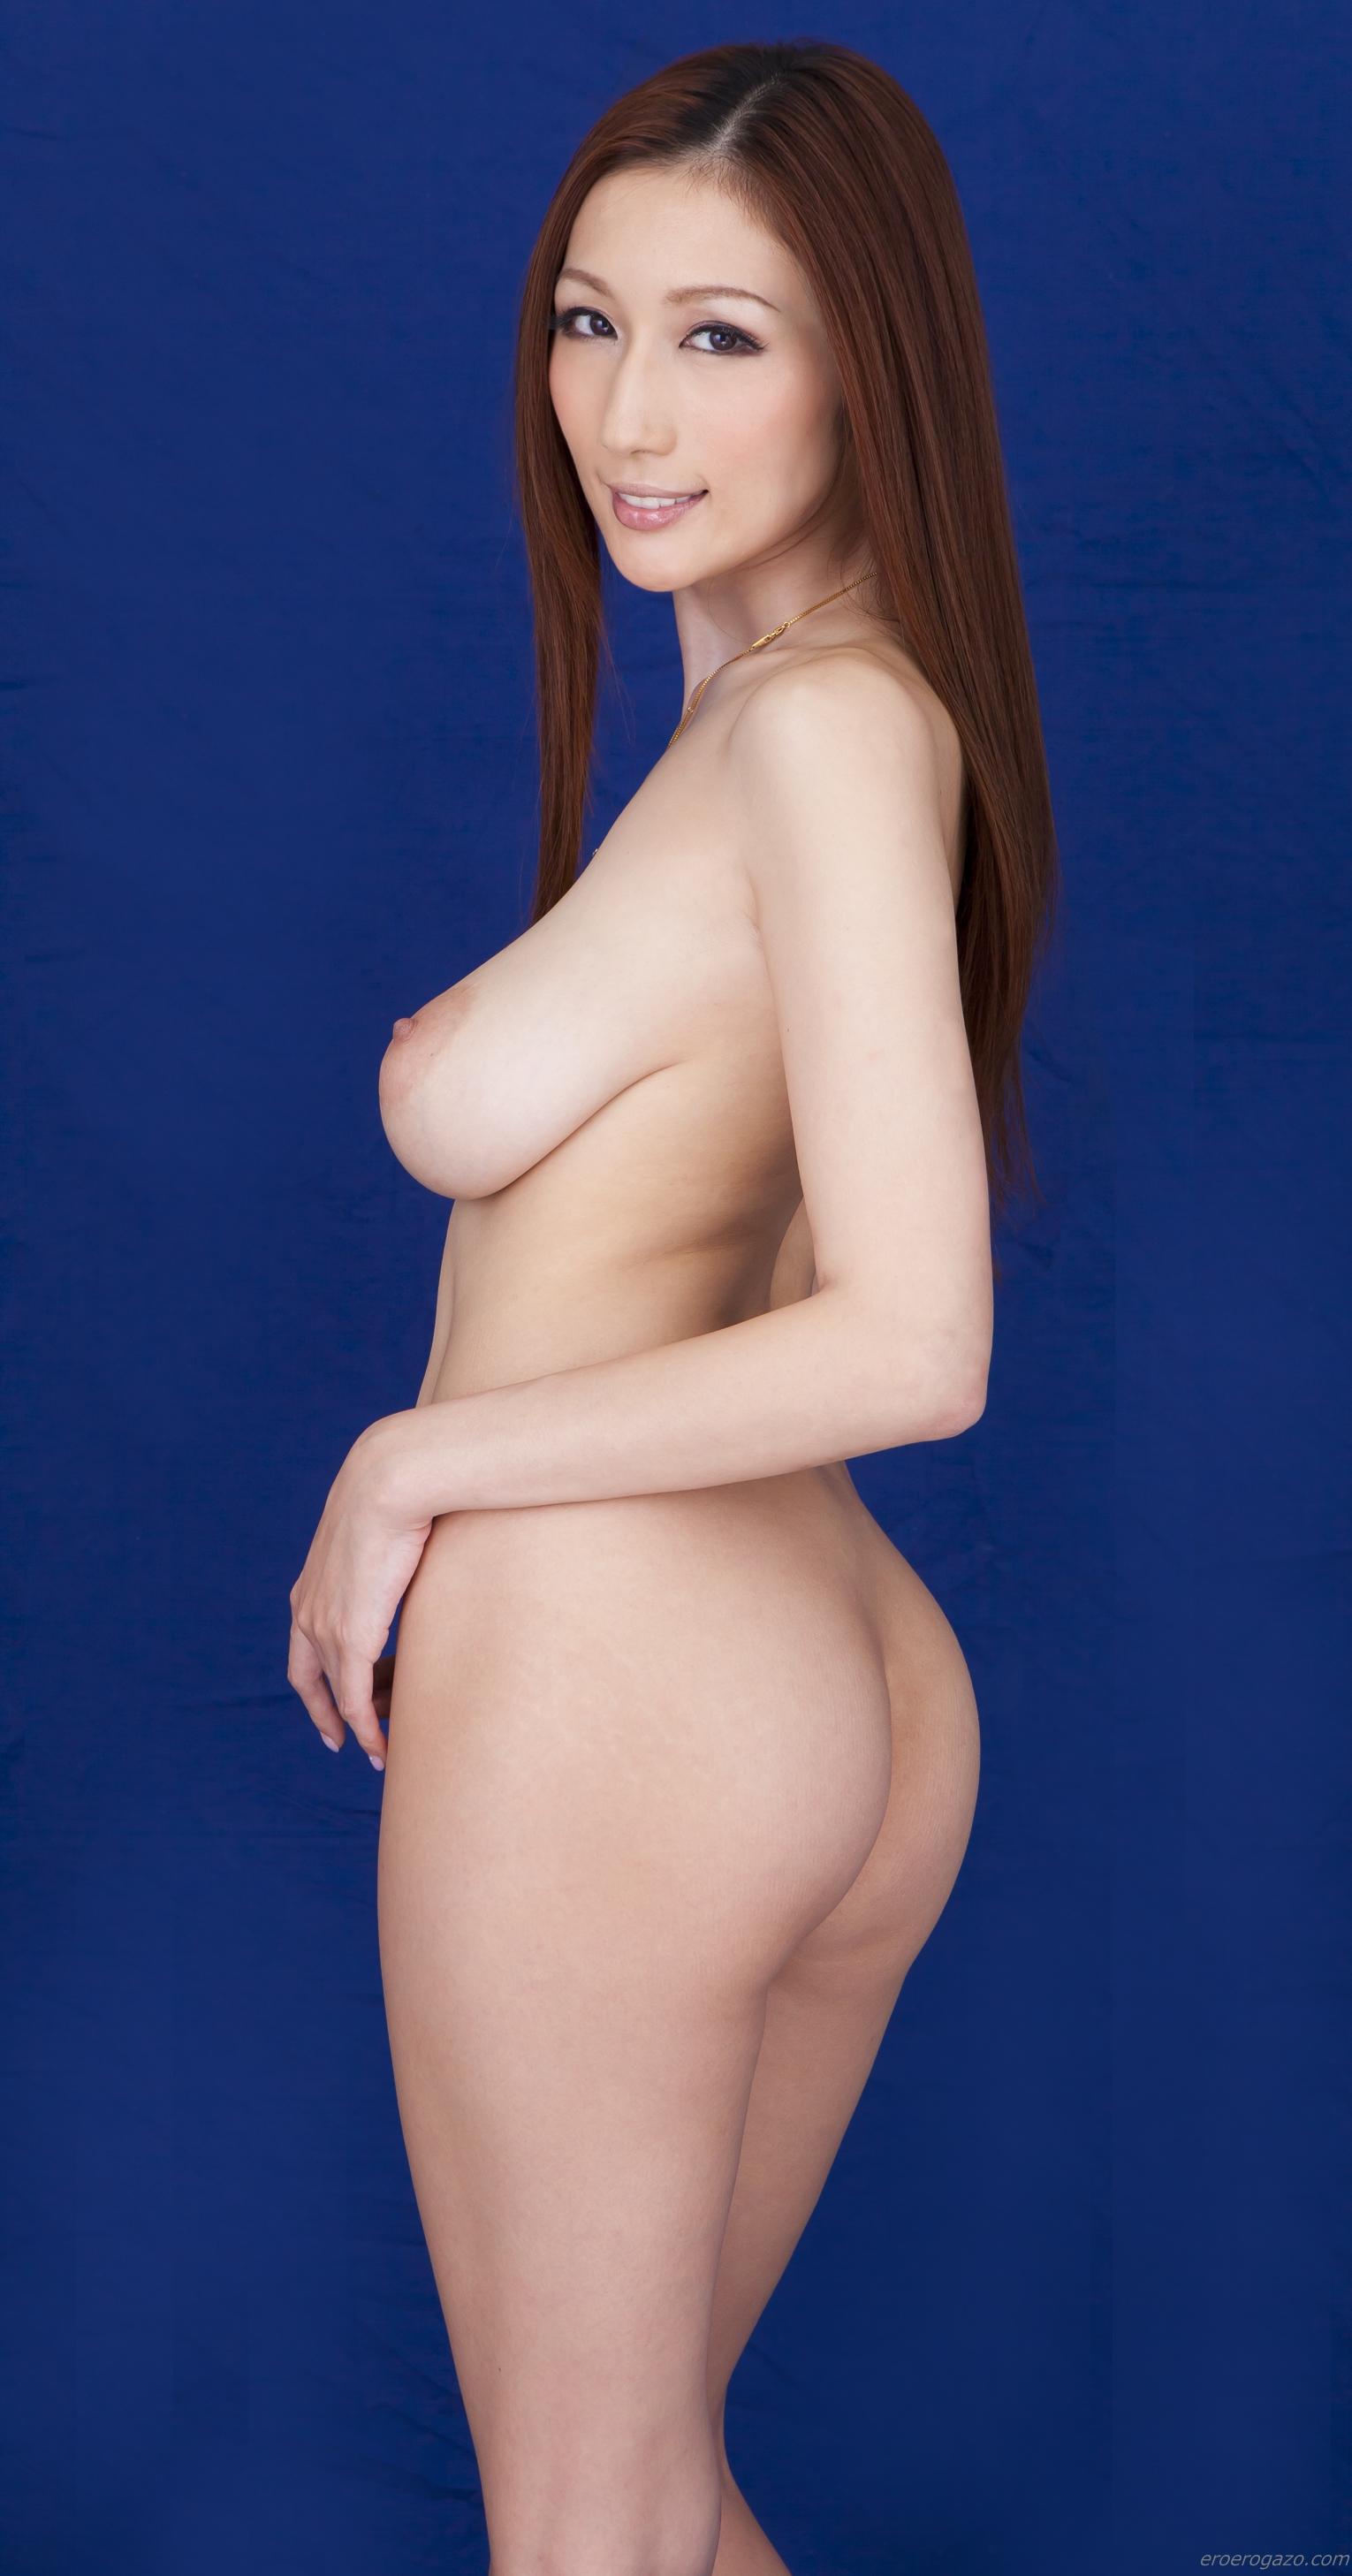 ... 乳AV女優JULIA(ジュリア)エロ画像の写真